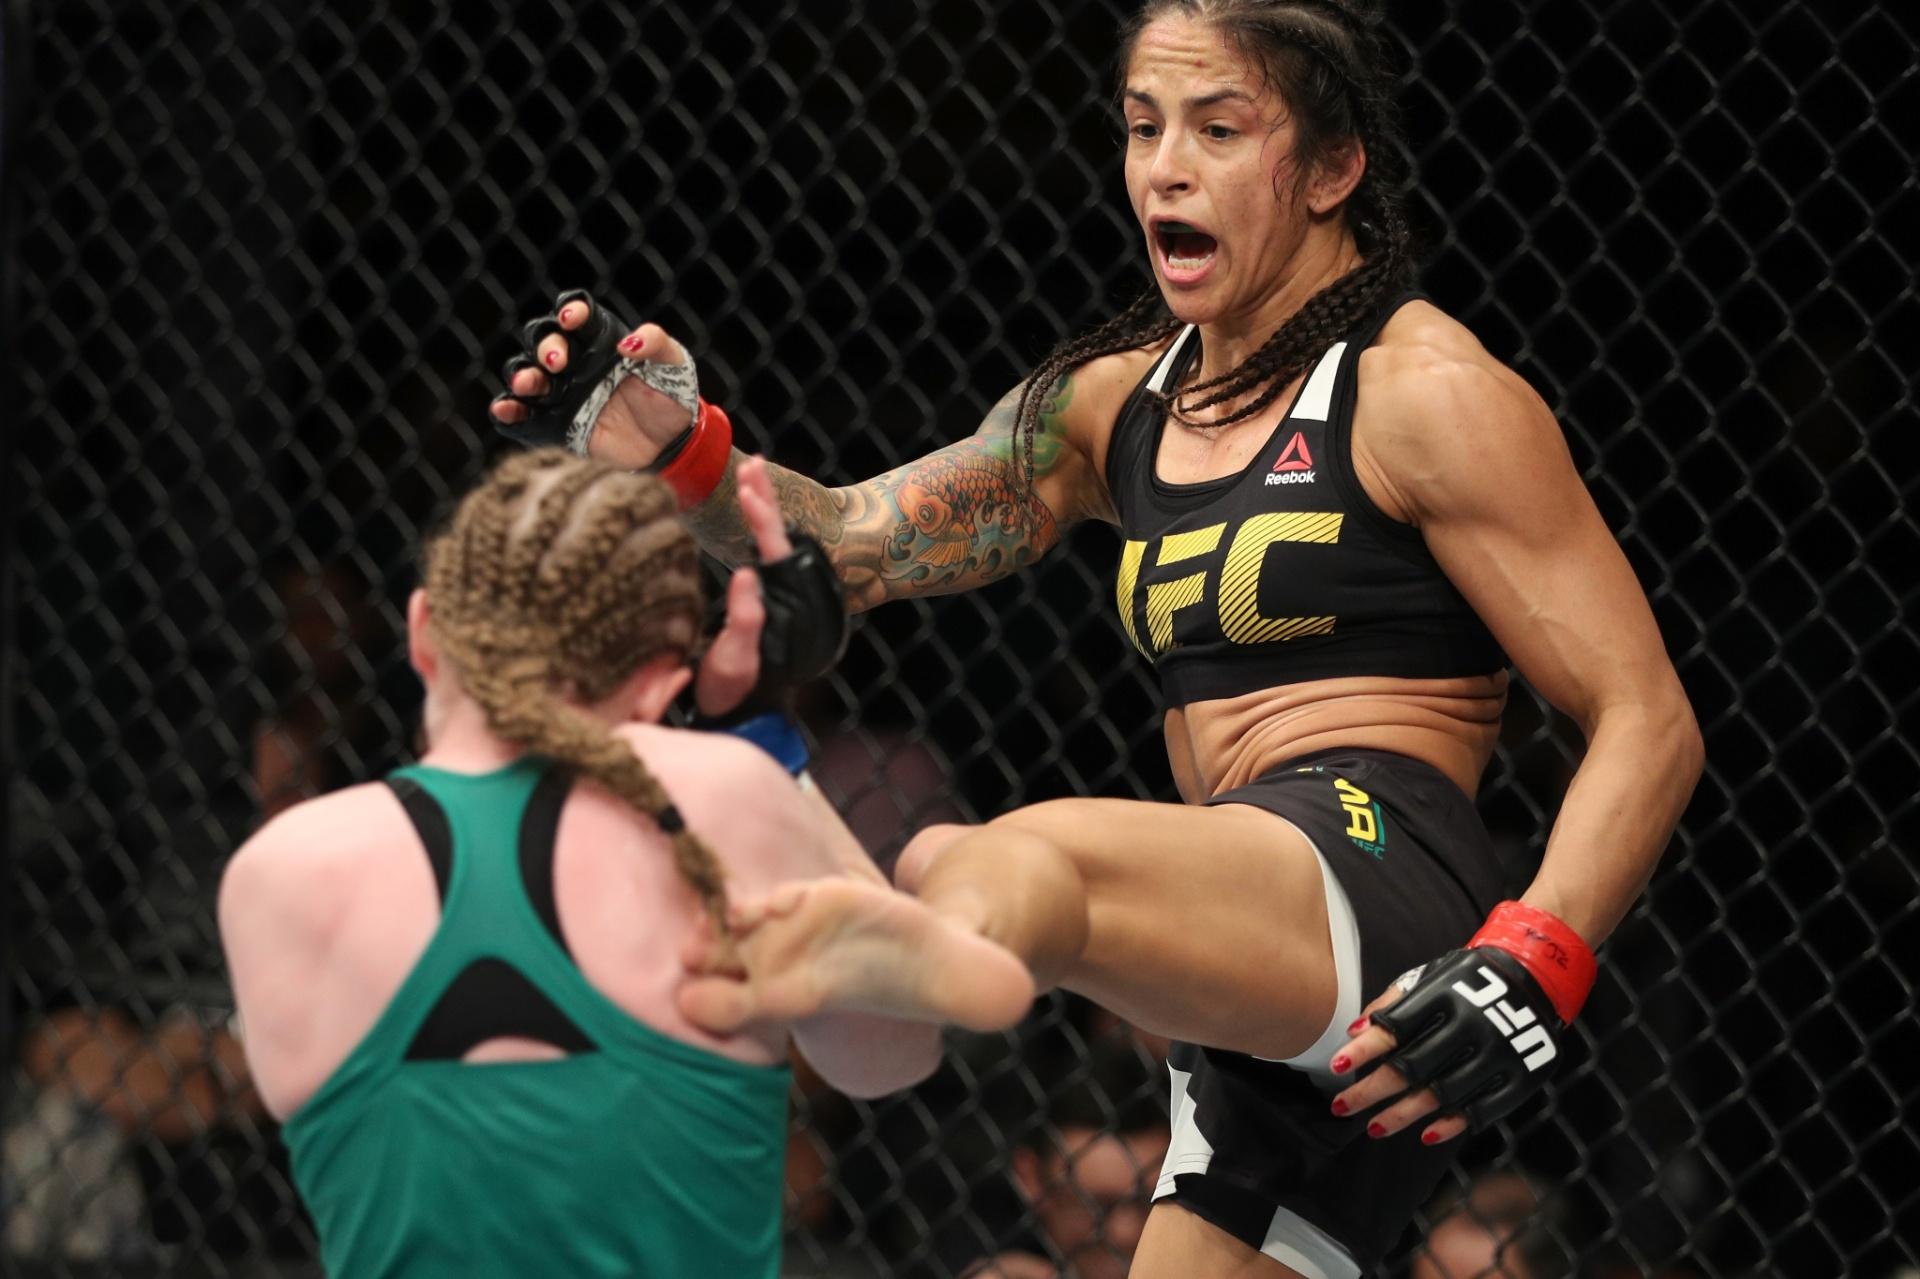 'Ju Thai' aplica chute em JJ Aldrich, no UFC Albany